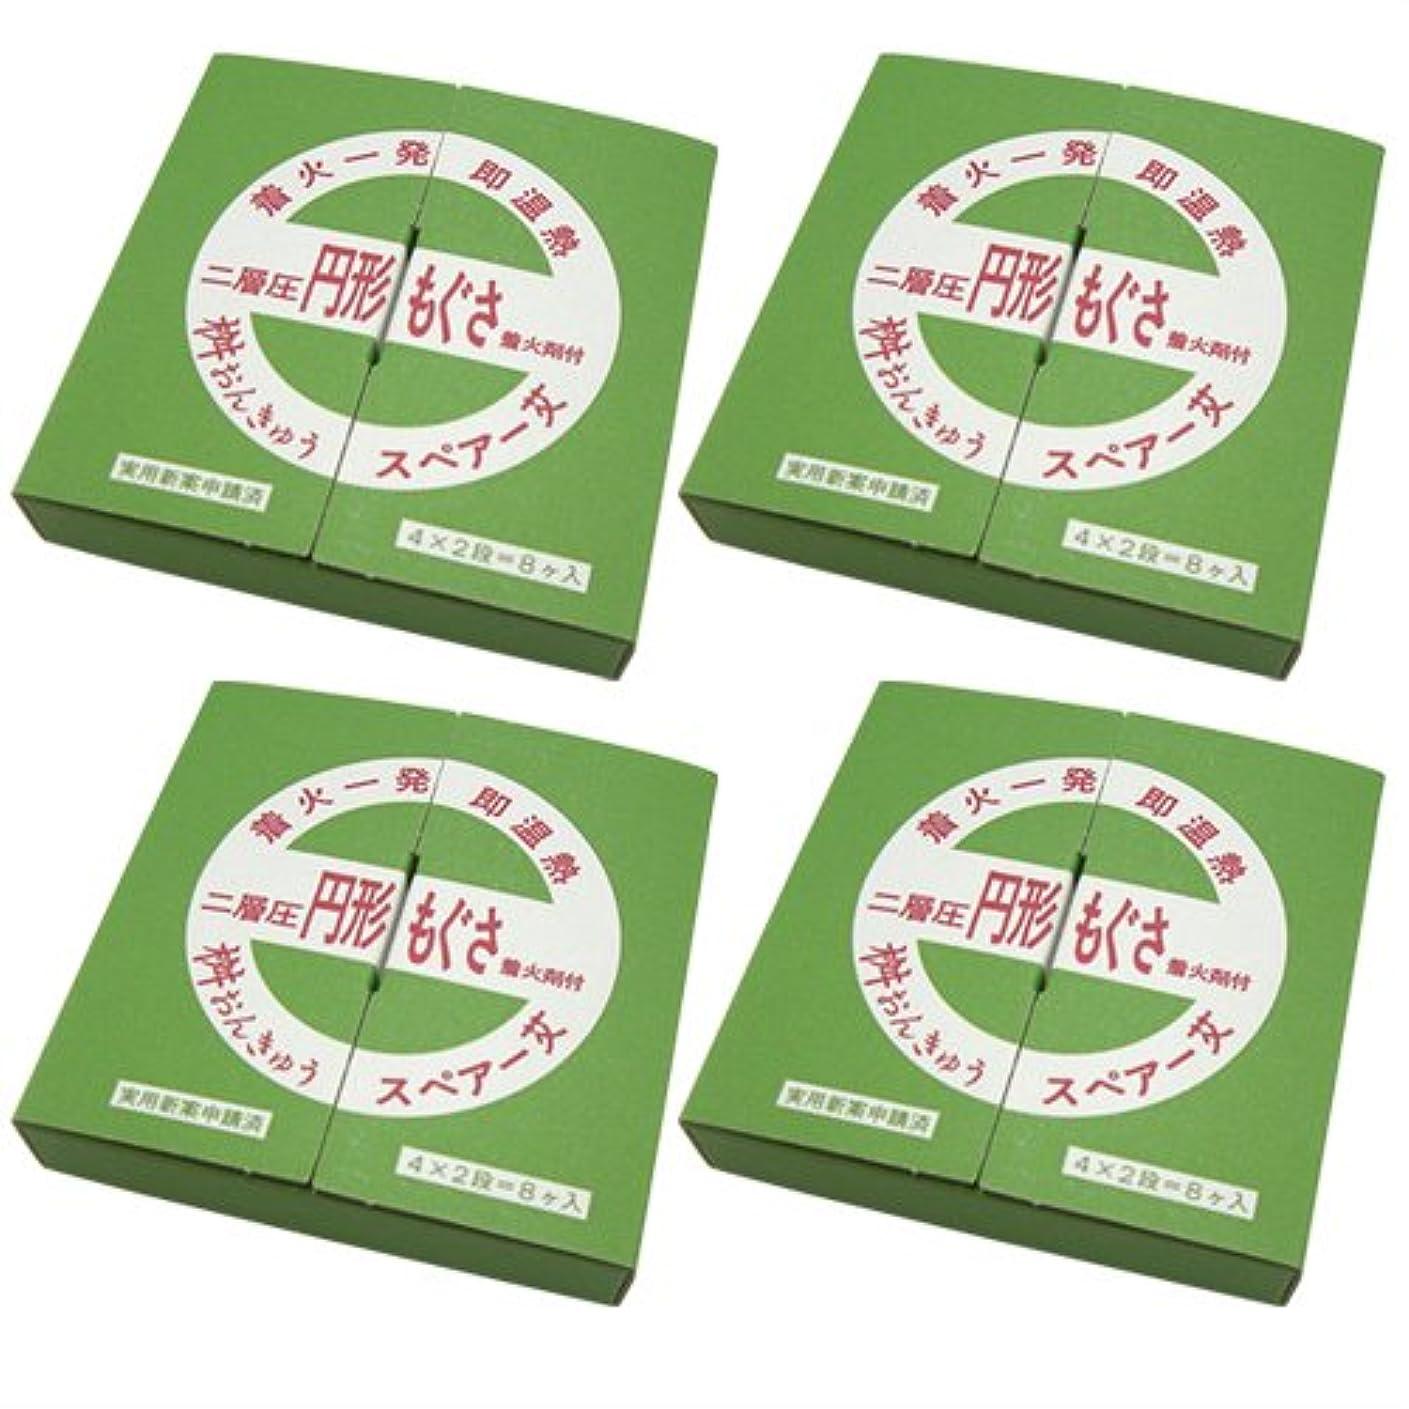 アラバマキャプションええ桝おんきゅう用スペアもぐさ 二層圧 円形もぐさ (8ケ) ×4箱セット